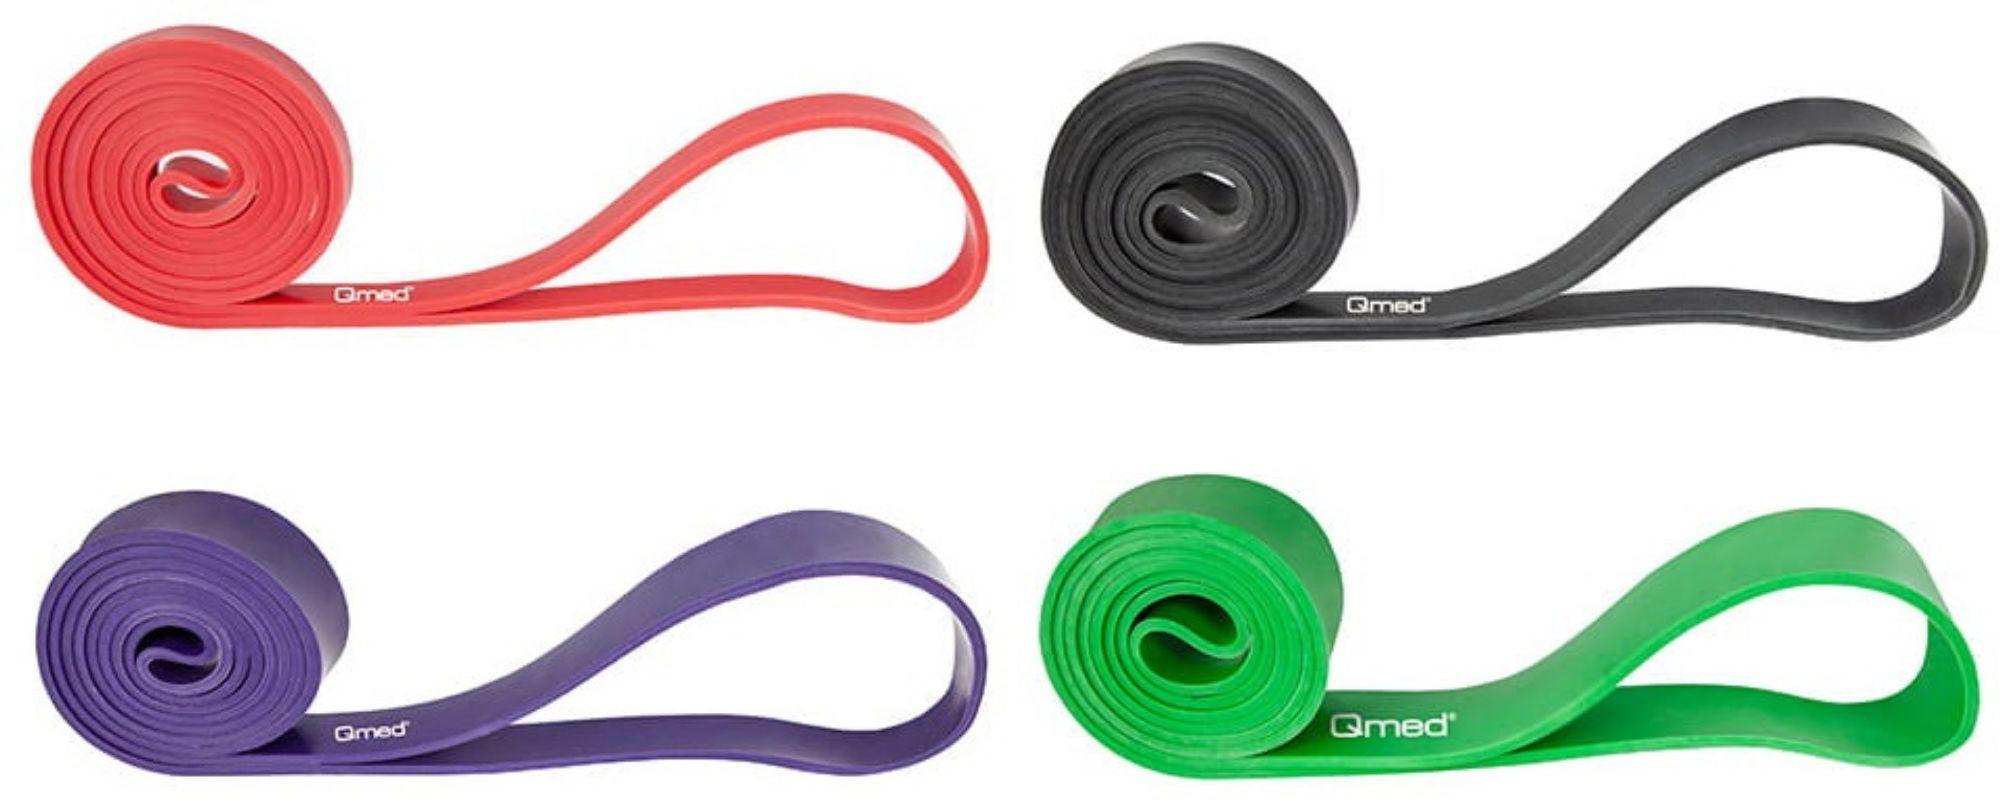 Certyfikowana taśma oporowa w kształcie pętli Qmed - długa guma do ćwiczeń i rehabilitacji - Power Band - wyrób medyczny (Qmed Resistance Band)